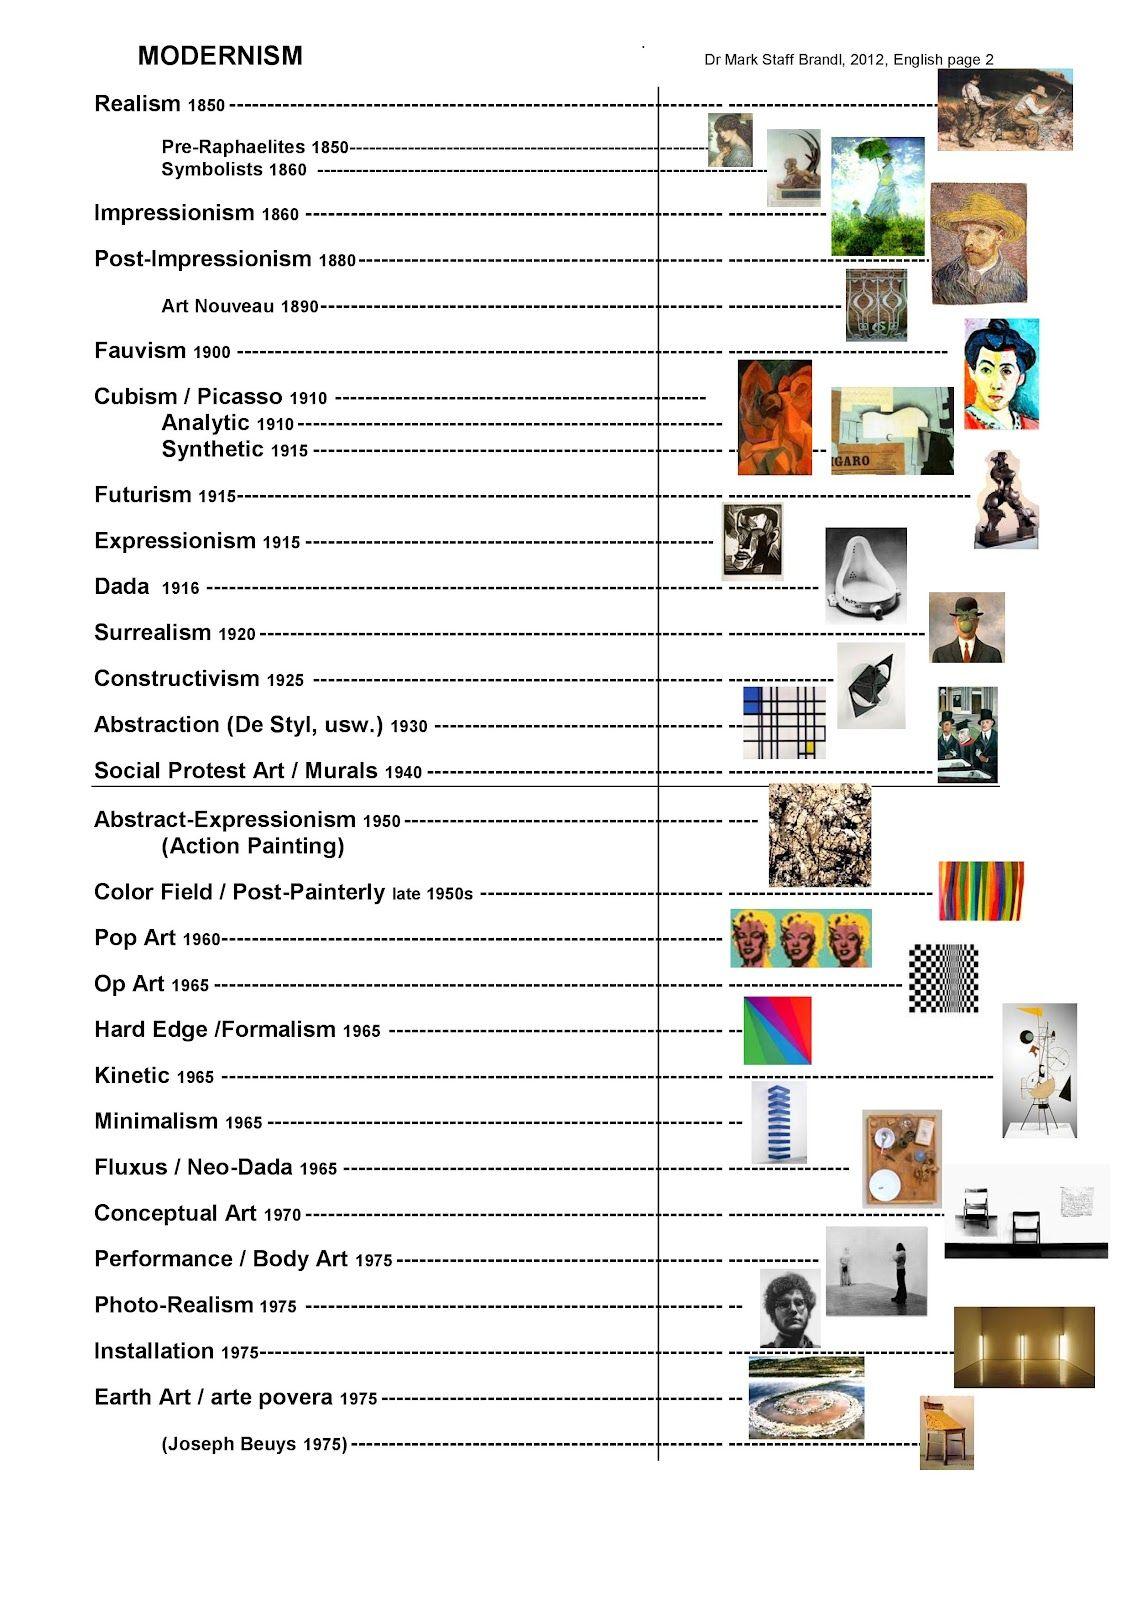 Brandl Art History Timeline New 12 Page 002 1 132 1 600 Pixels